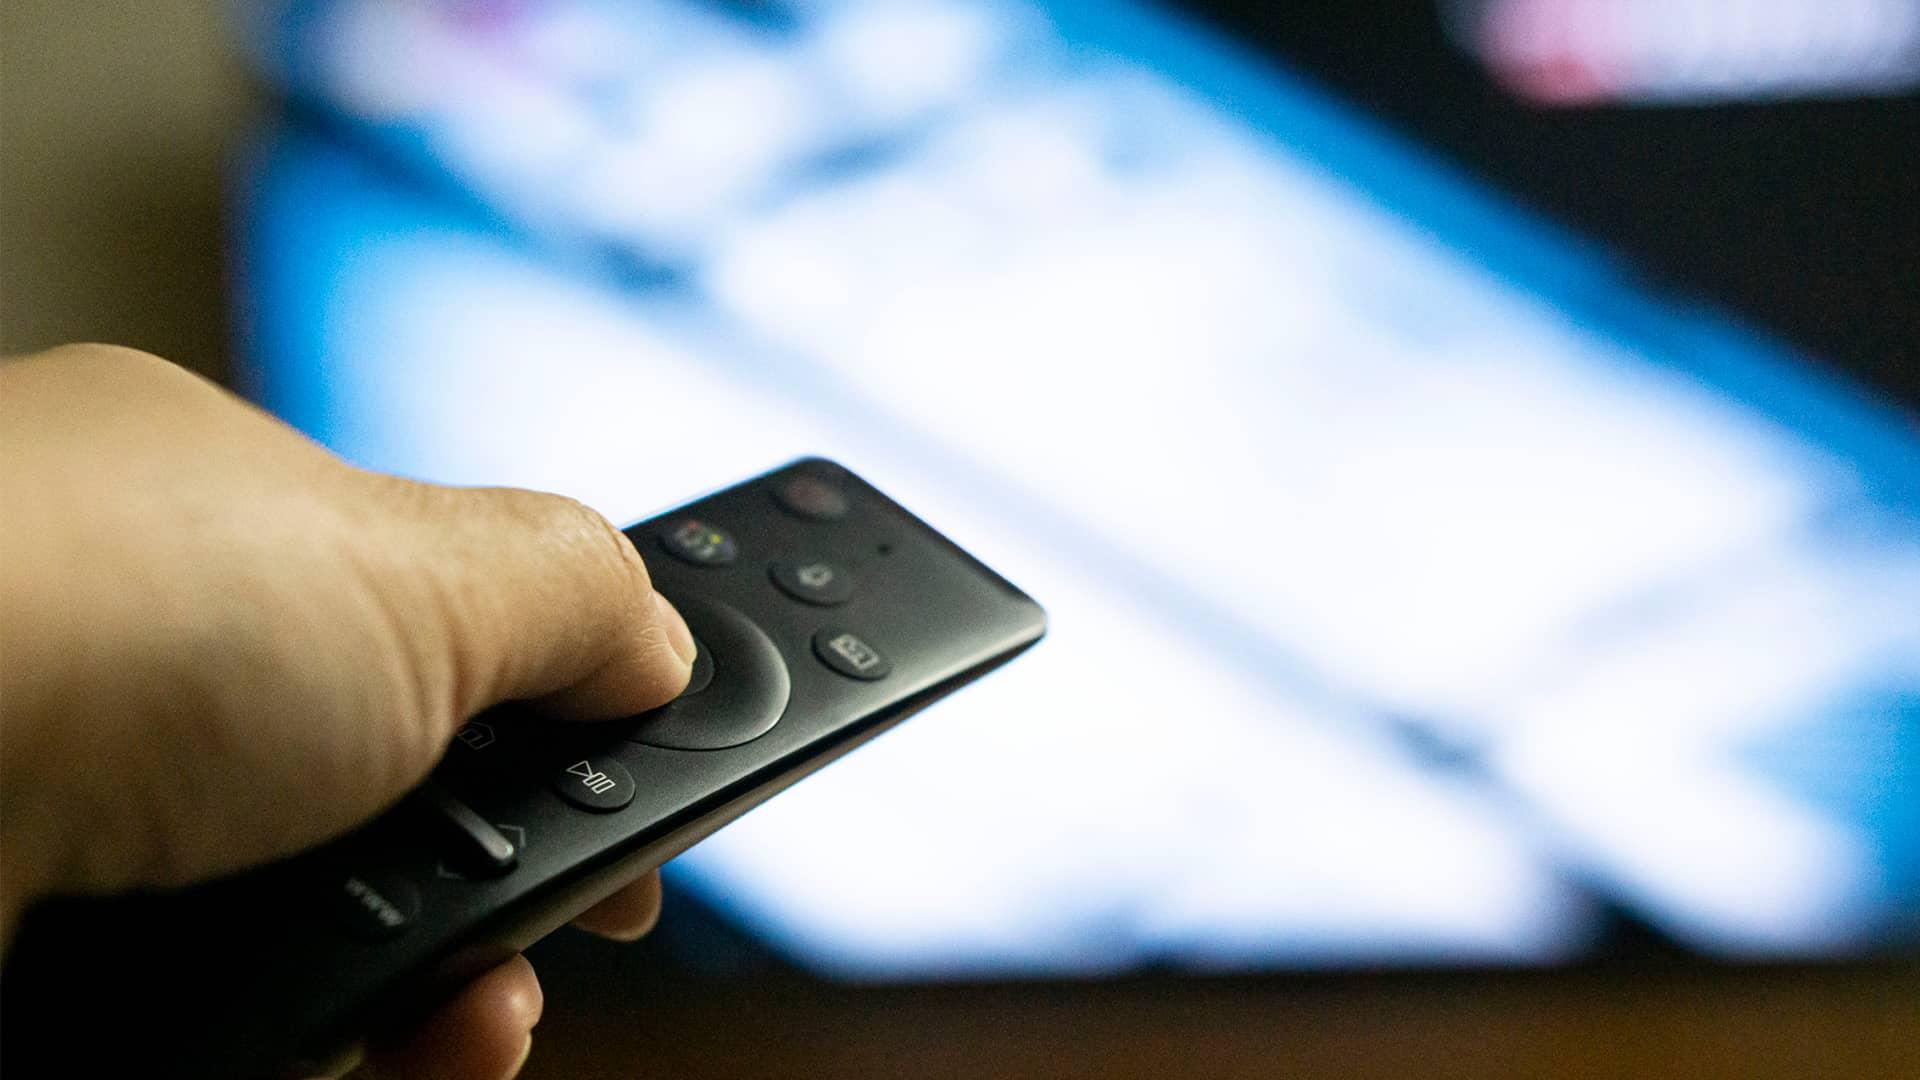 Tivo Vodafone: El decodificador para disfrutar Vodafone TV